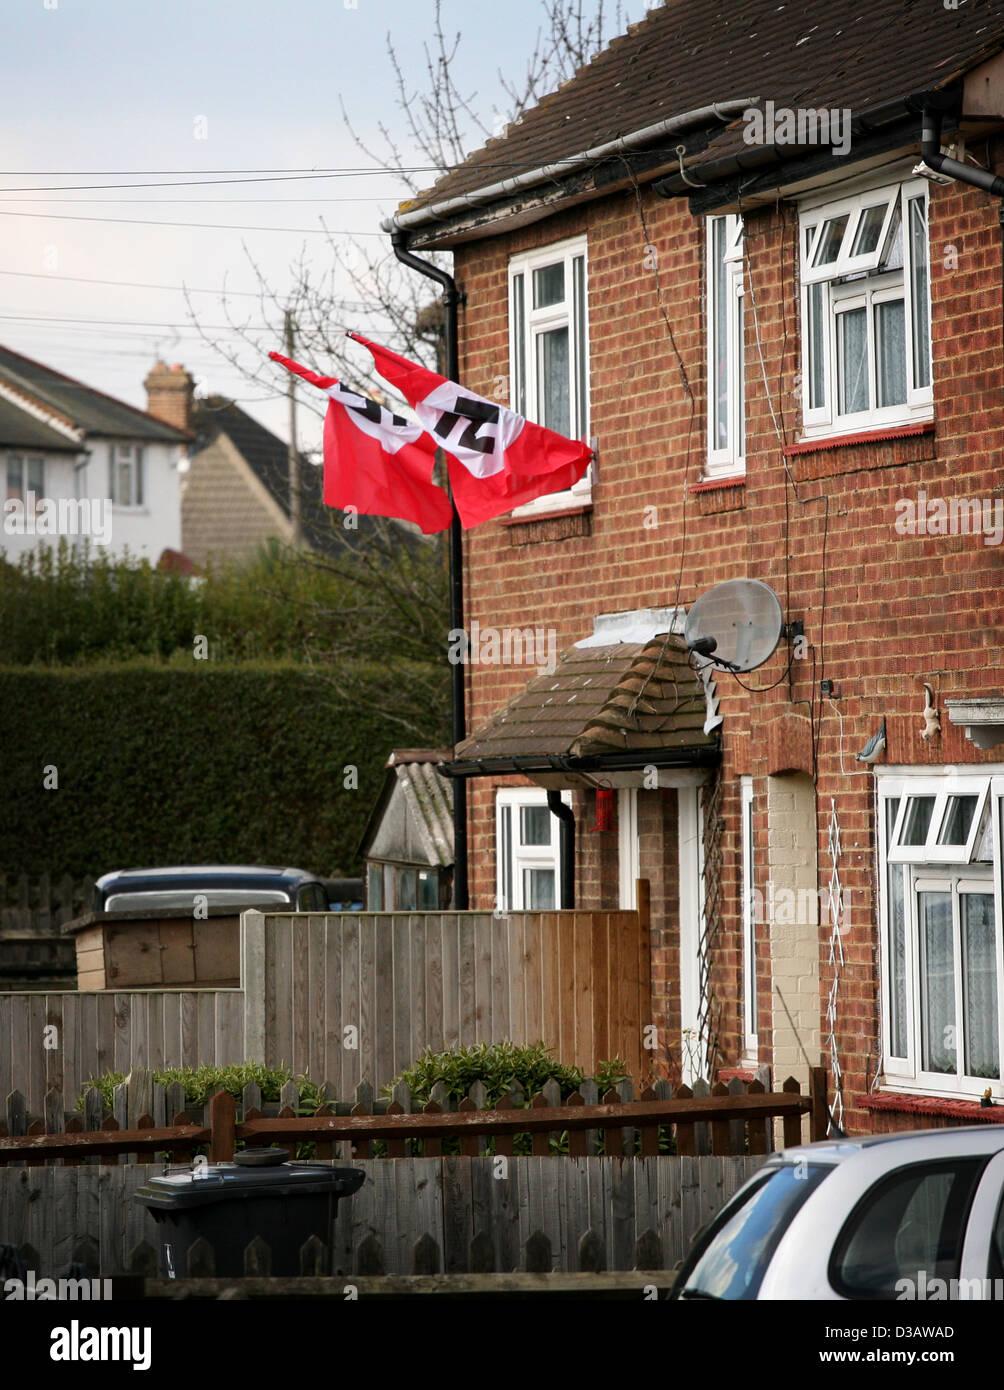 Nazi swastika flags hang outside a Luton UK house - Stock Image